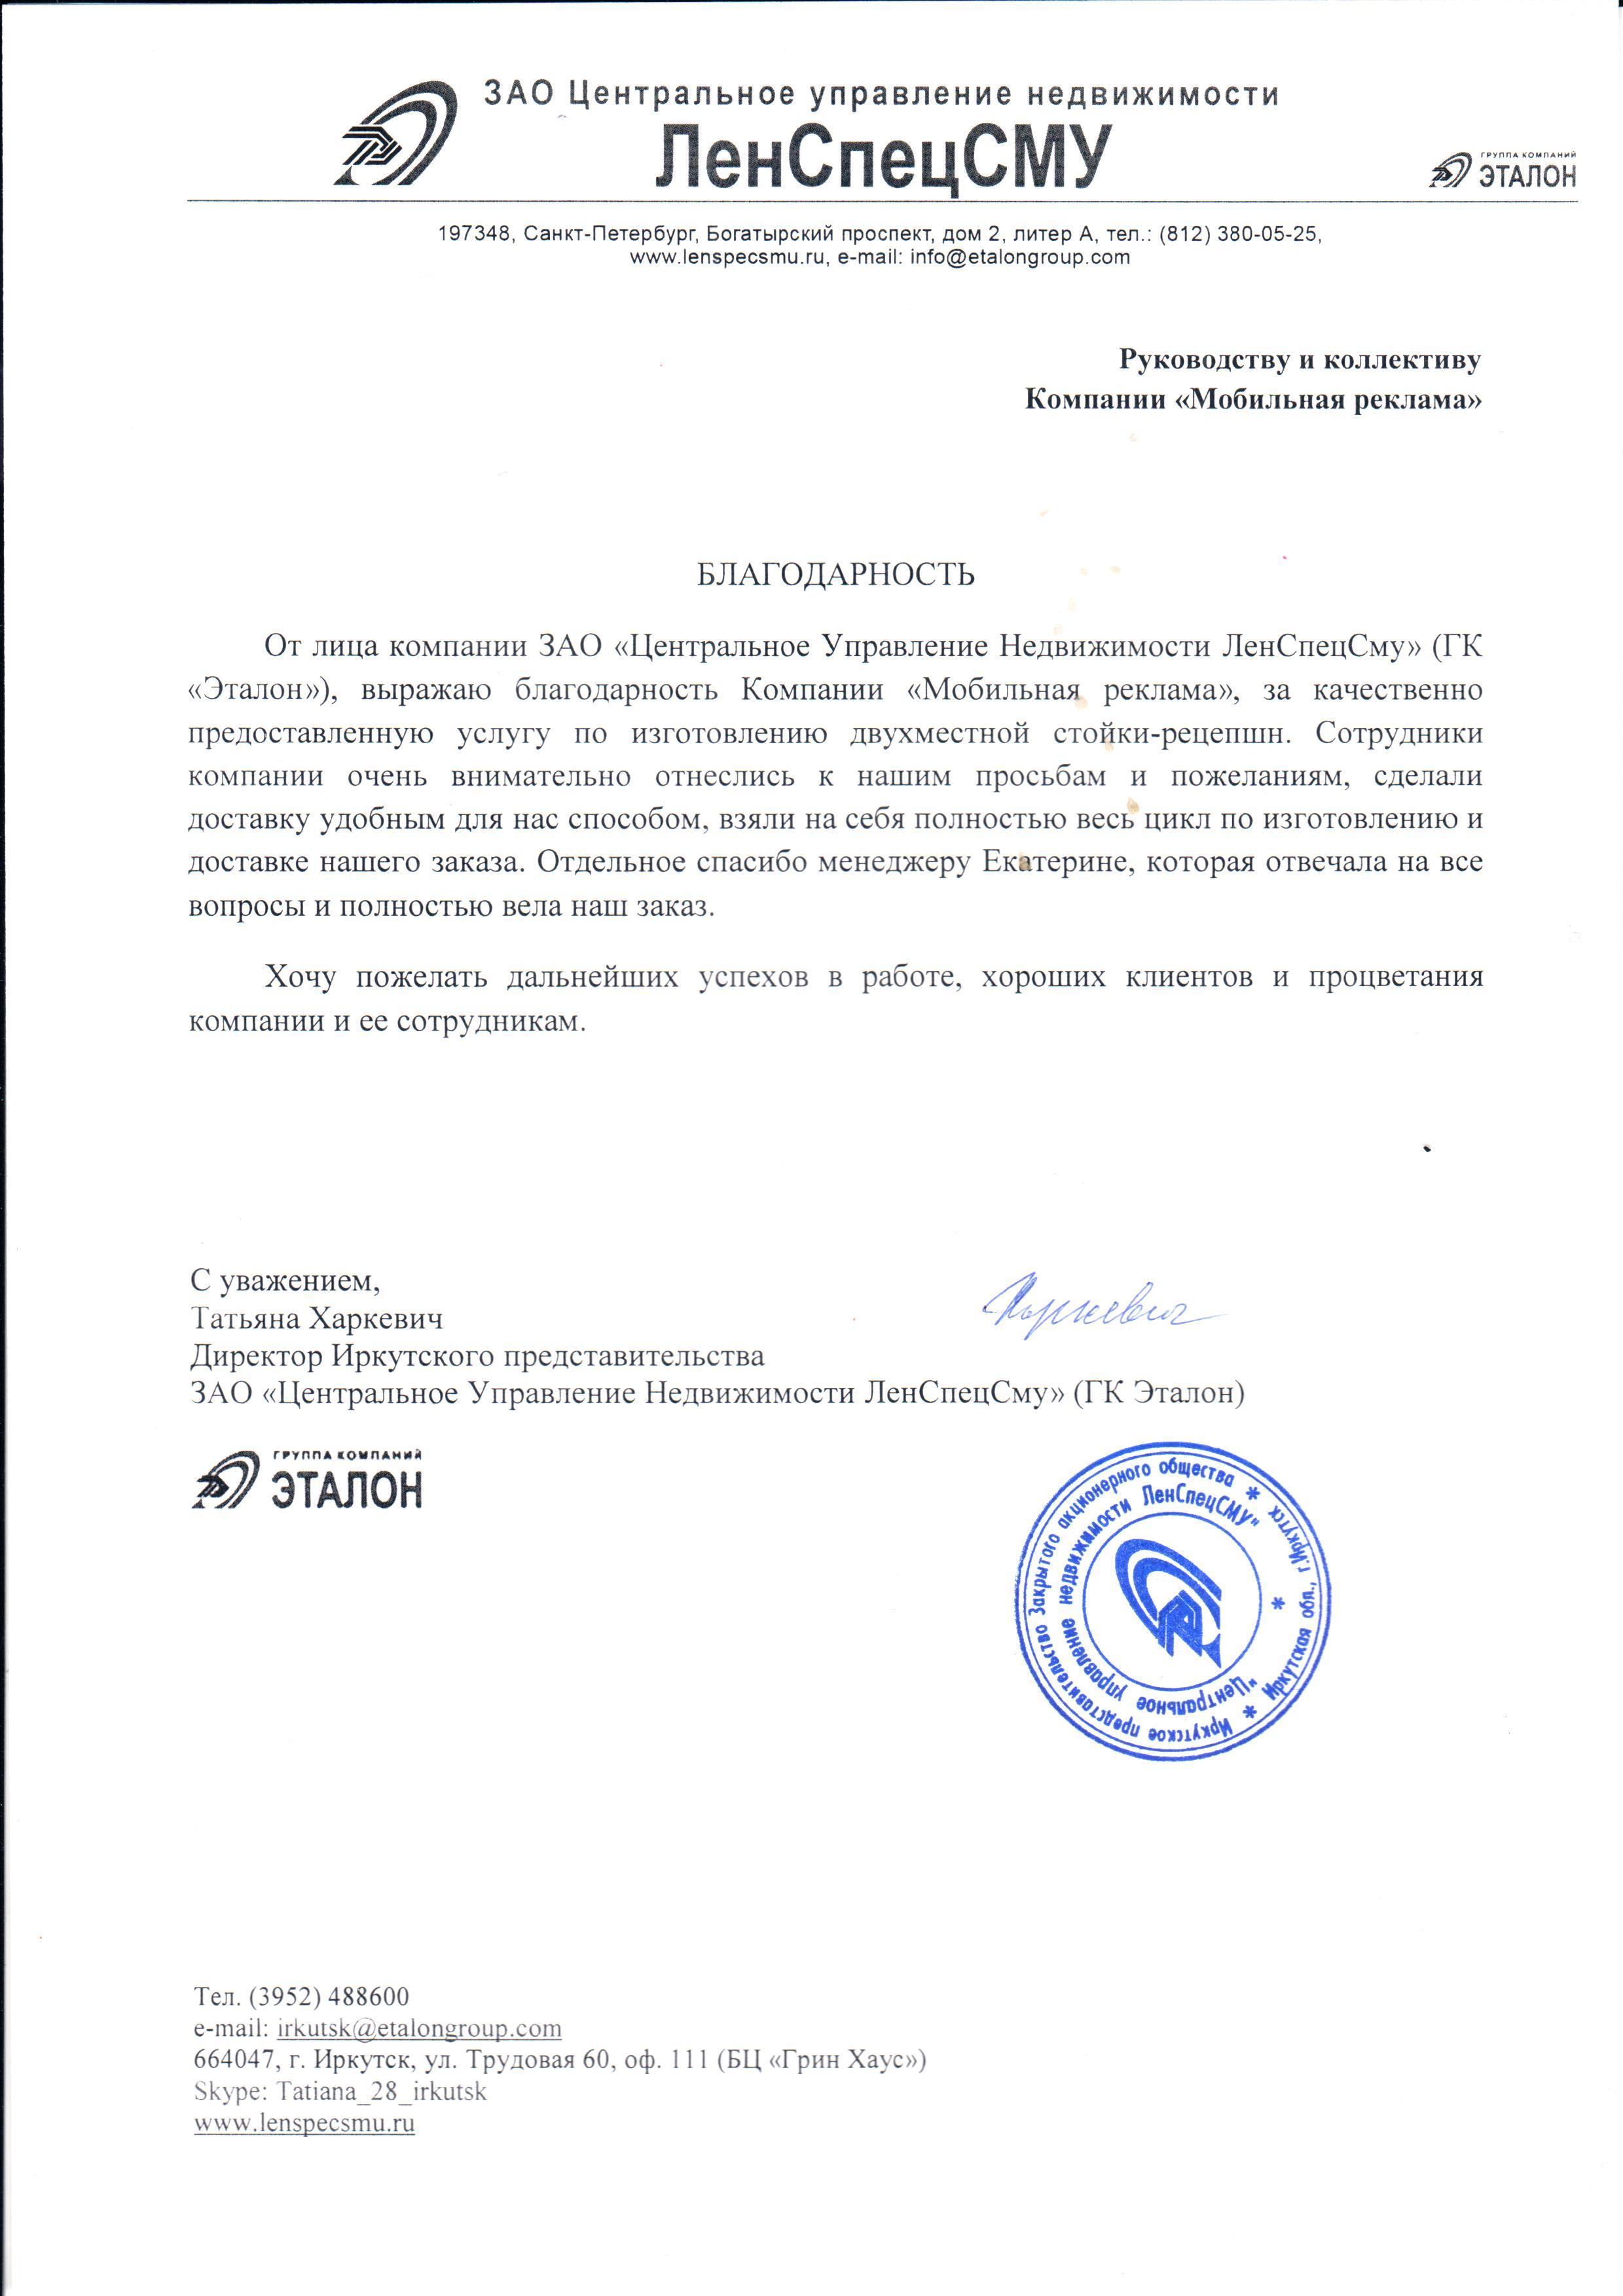 ЗАО «Центральное Управление Недвижимости ЛенСпецСму» (ГК Эталон)